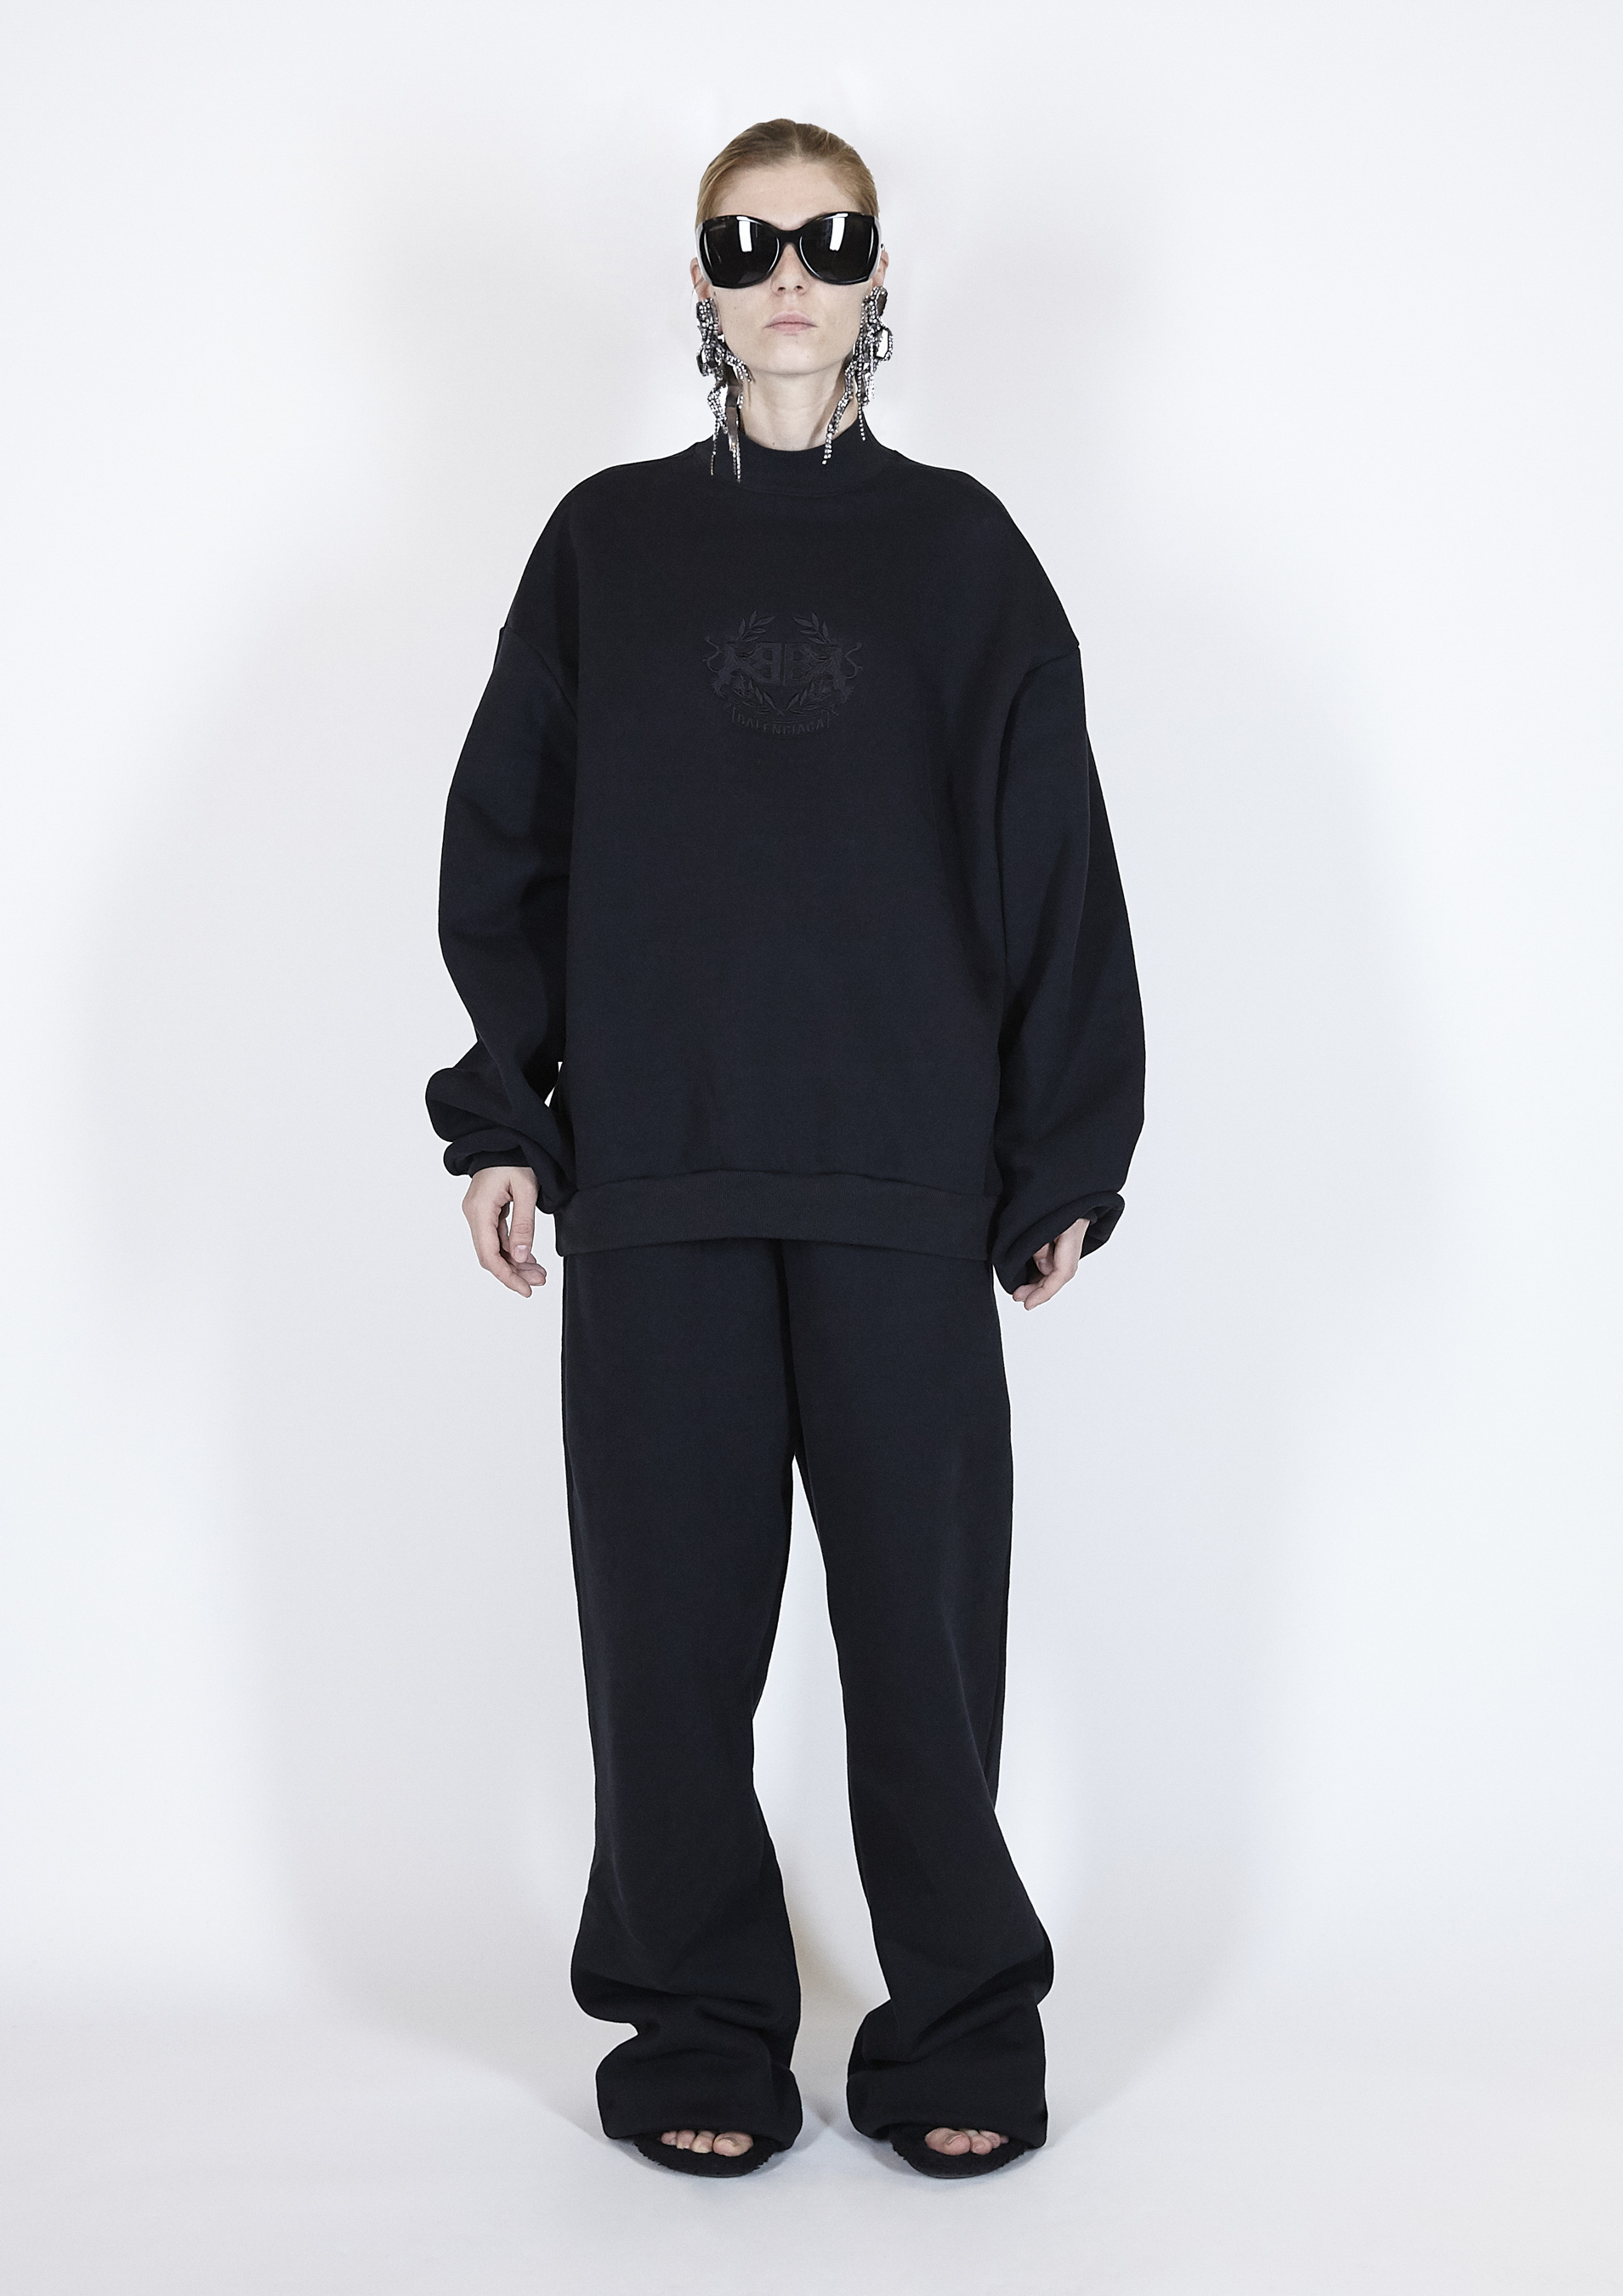 Balenciaga Spring 2021 Fashion Show Photos